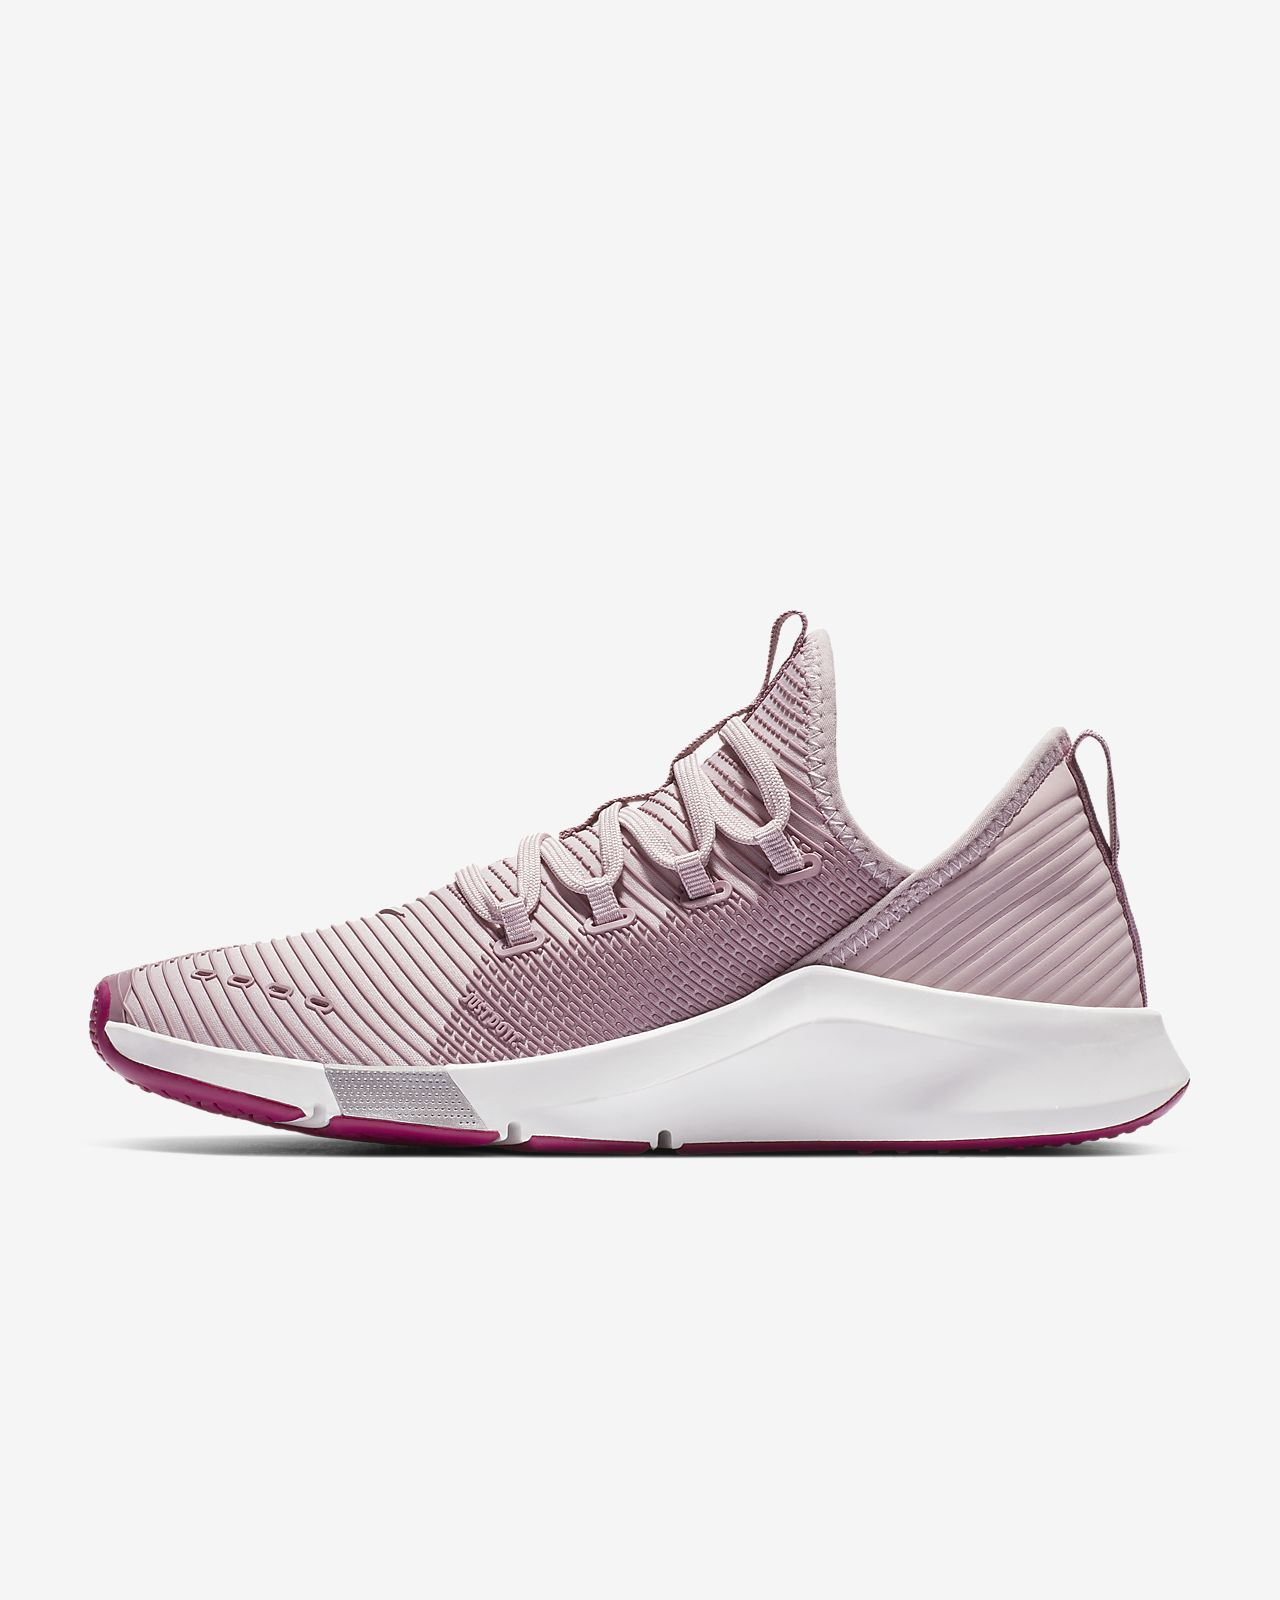 official photos b7568 dd6c2 ... Sko för gym träning boxning Nike Air Zoom Elevate för kvinnor